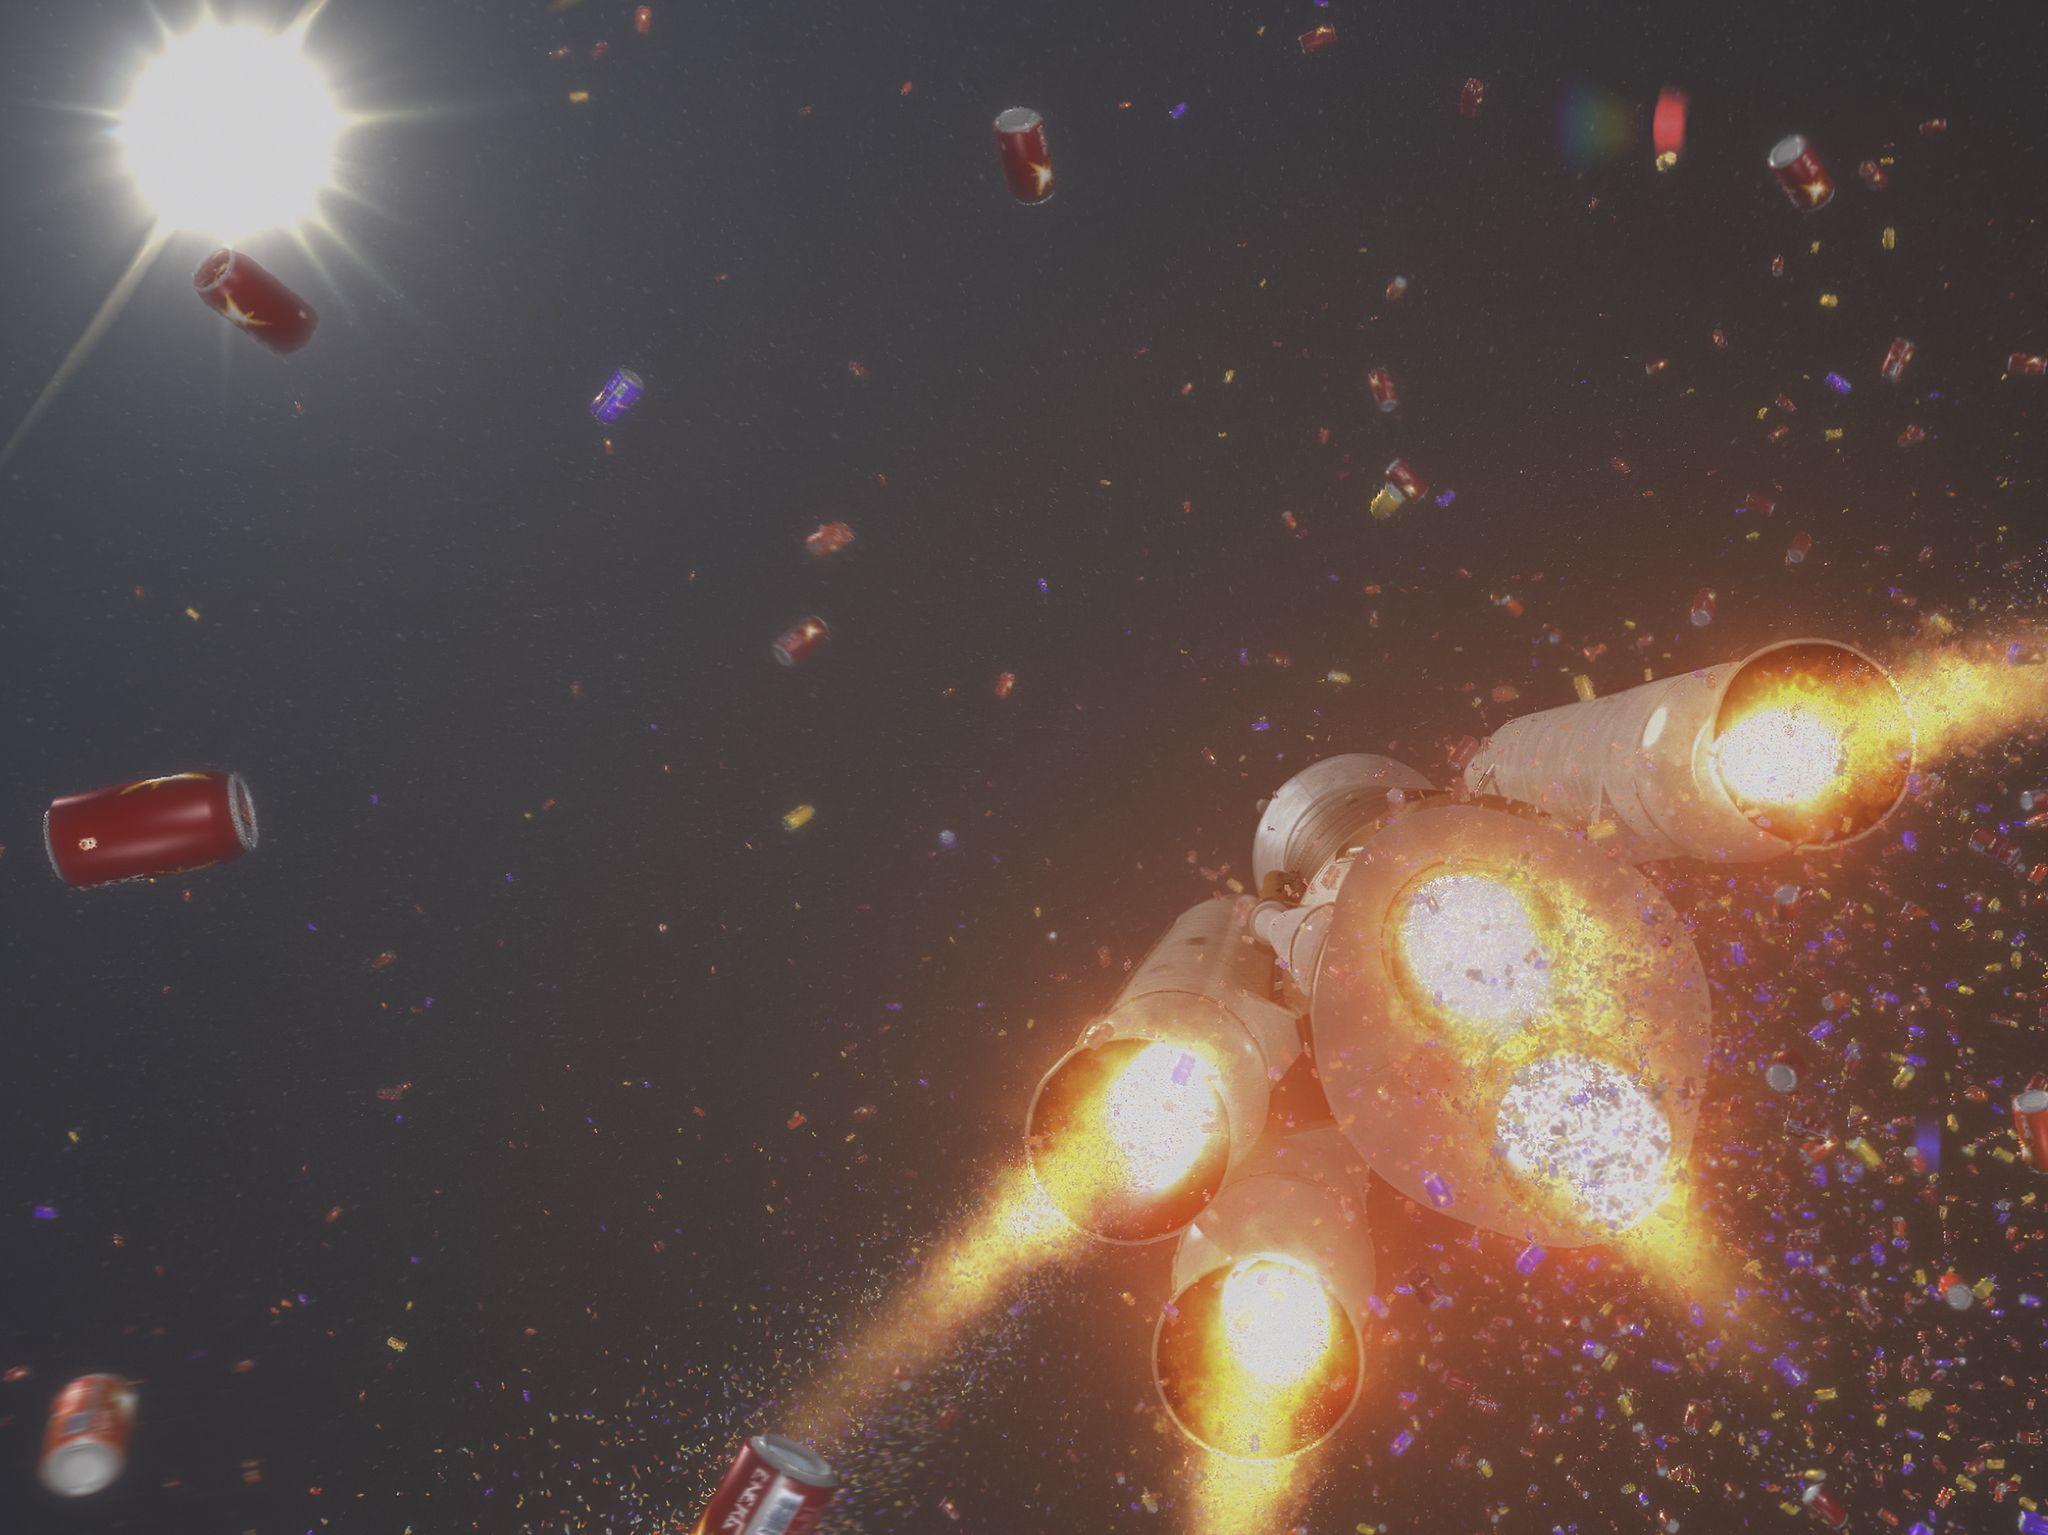 صور أنشأها الحاسوب للقطات من صاروخ ينطلق محاطًا بعلب... [Photo of the day - أغسطس 2020]